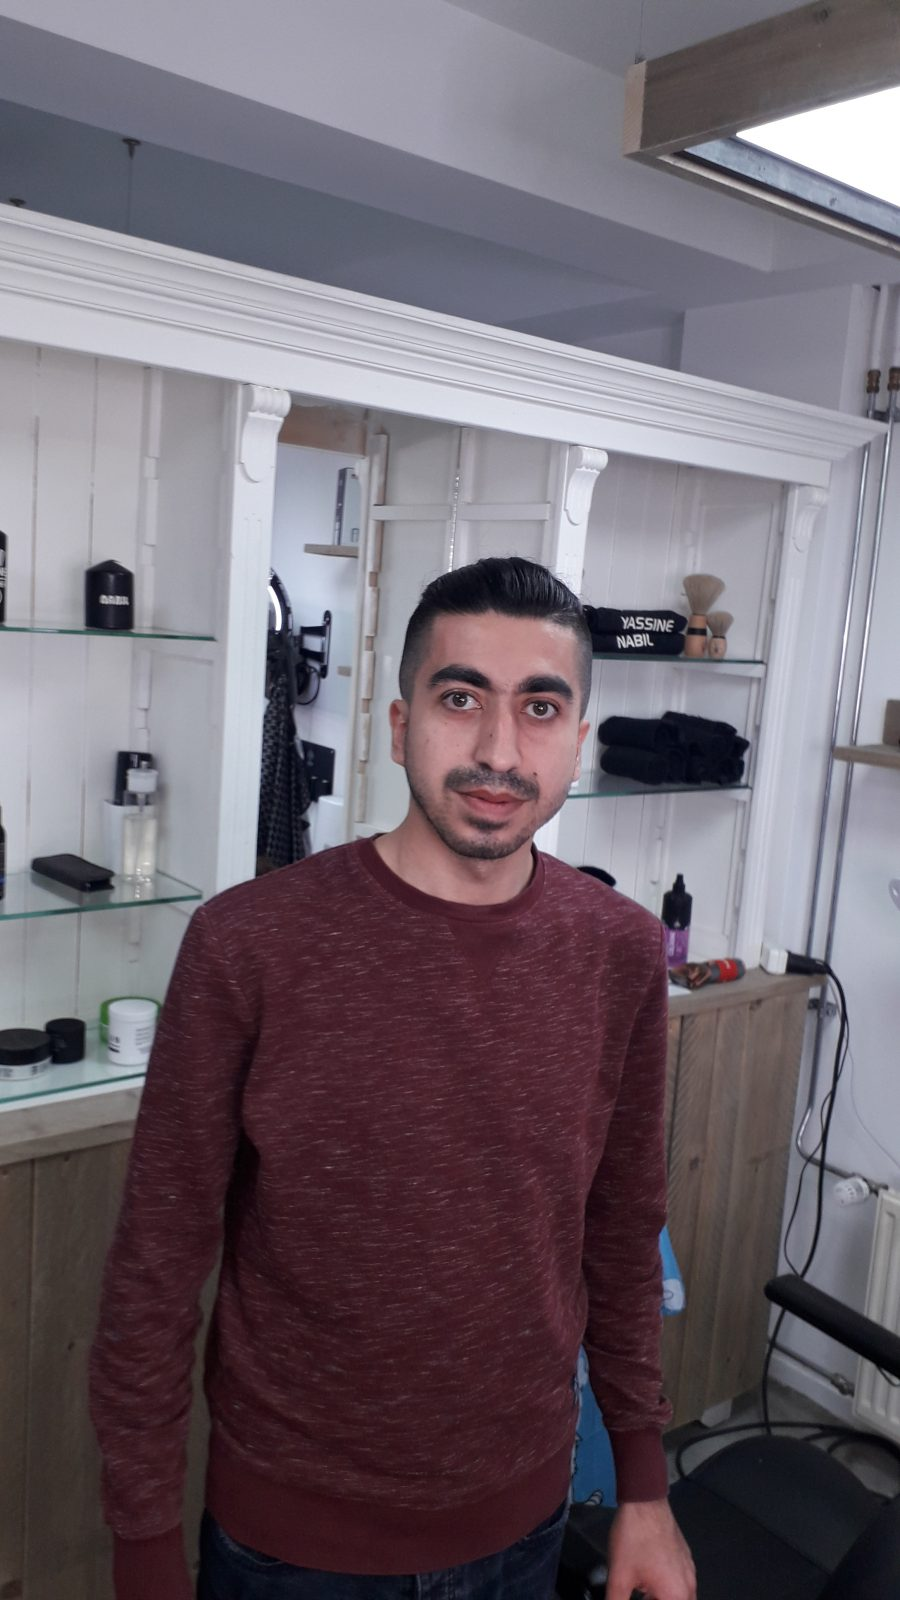 Mohammad aan de slag bij Yassine de kapper